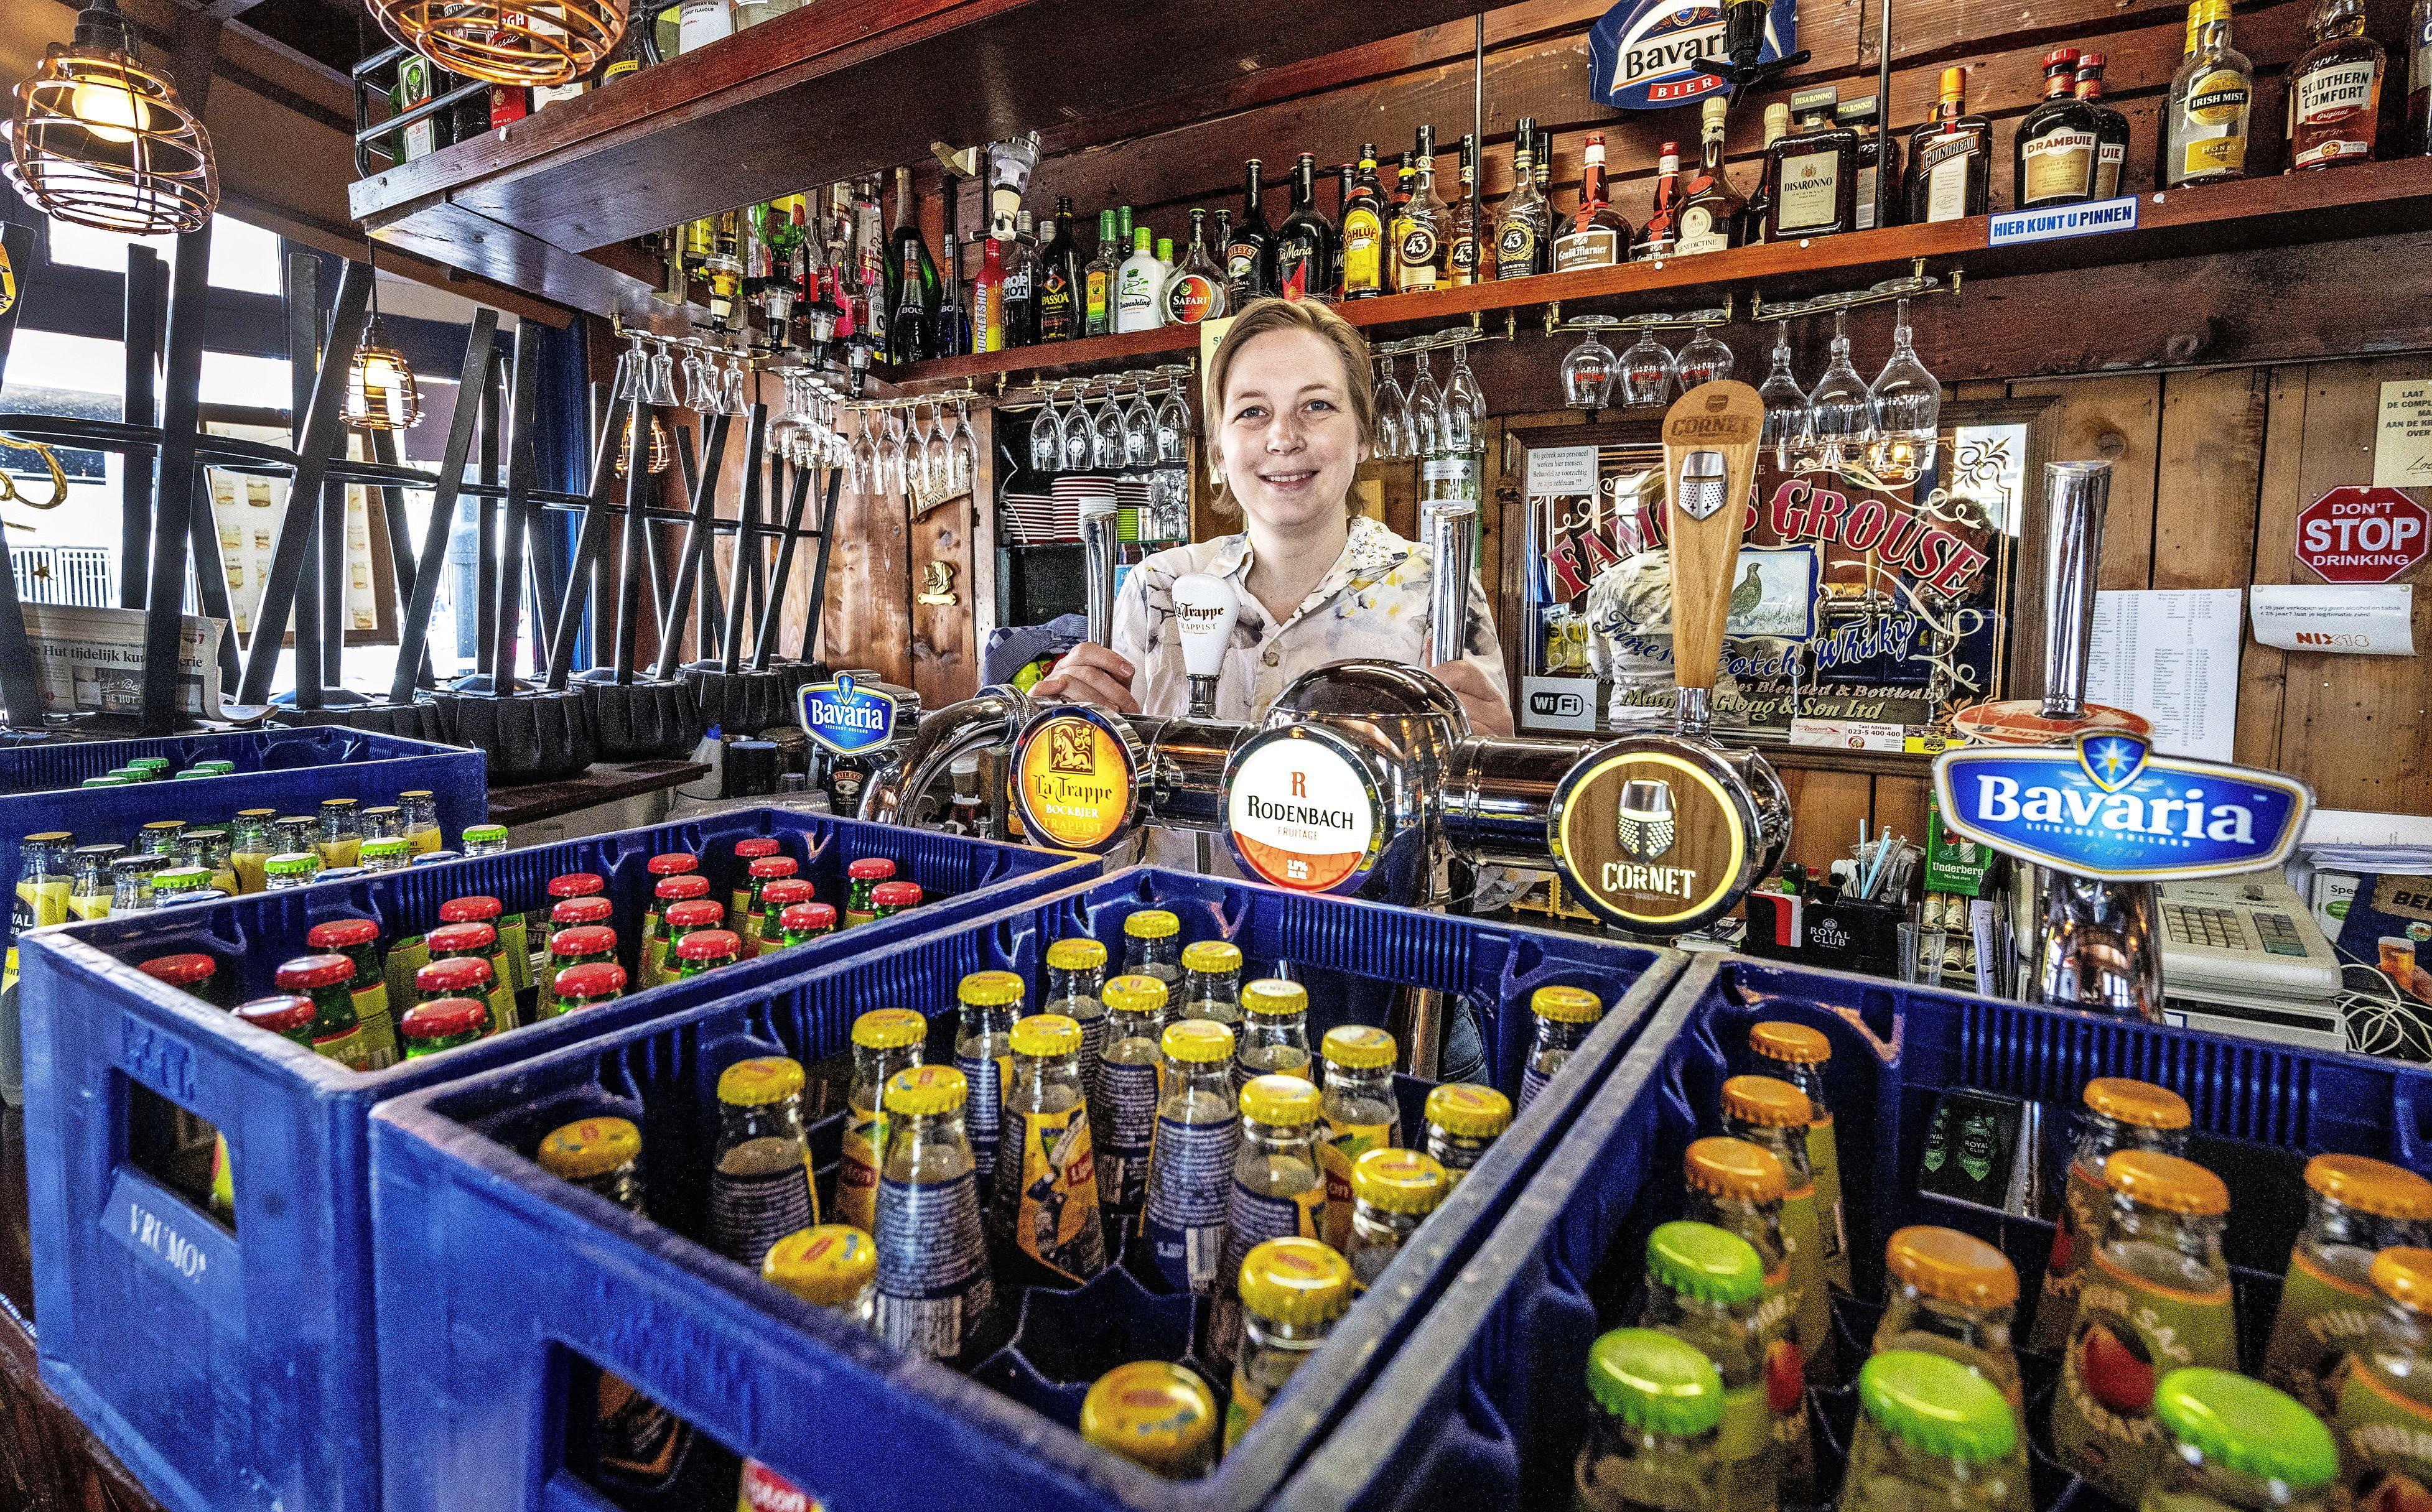 Paula mist haar café De Hut (181 dagen dicht) steeds minder: 'Soms denk ik: wil ik nog wel terug?'